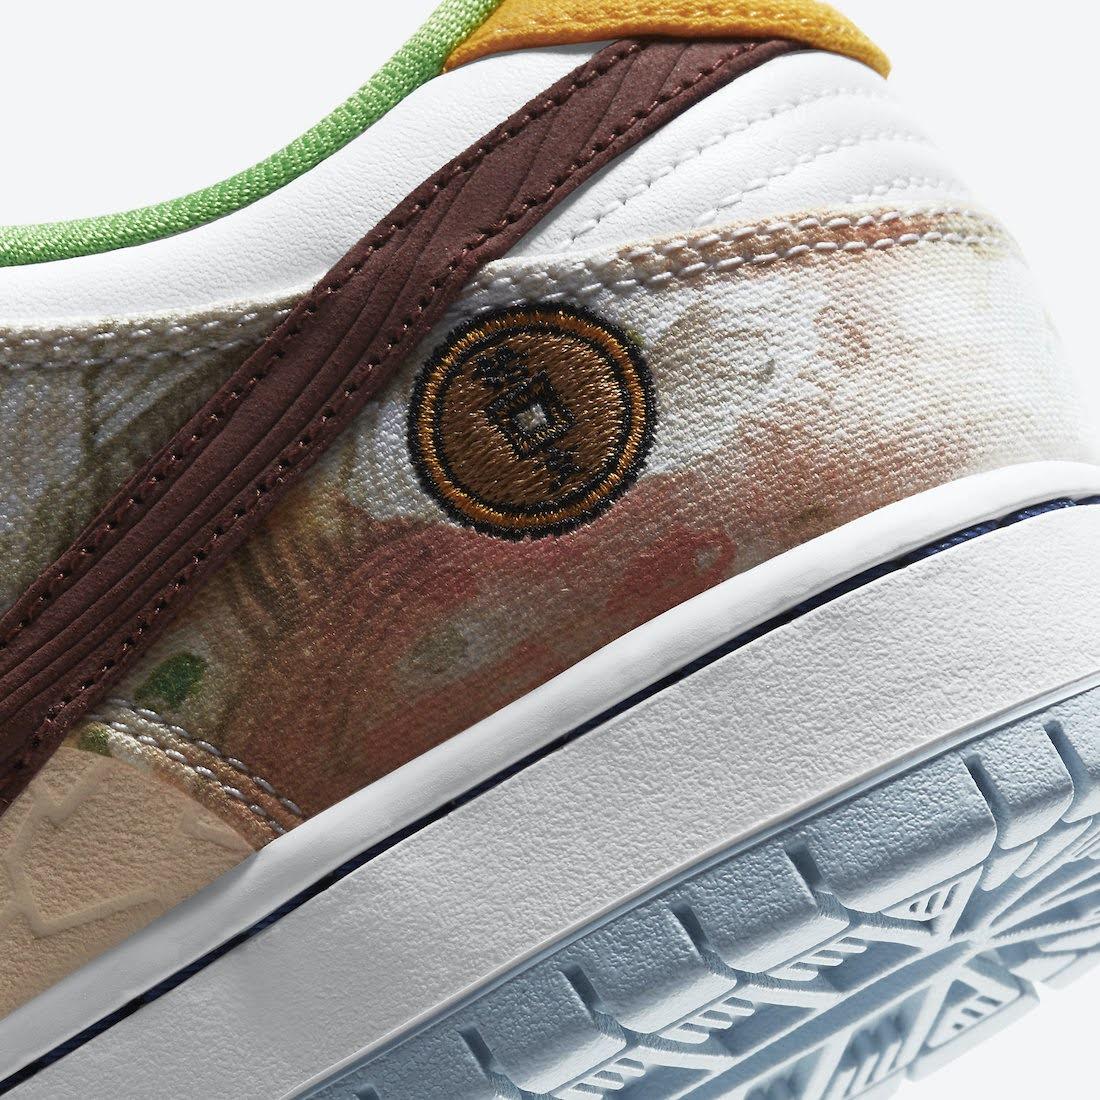 ナイキ SB ダンク ロー ストリート ホーカー チャイニーズ ニューイヤー コラボ Nike-SB-Dunk-Low-Street-Hawker-CV1628-800 heel